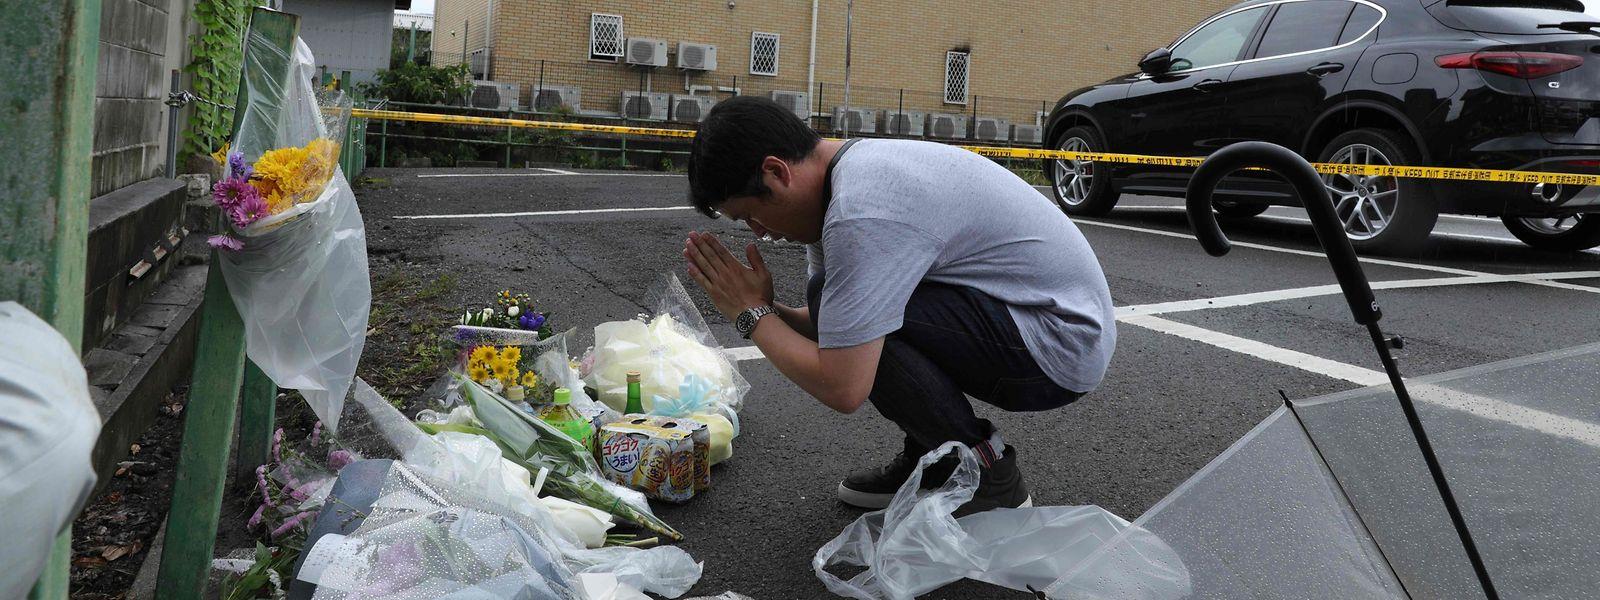 Ein Mann legt Blumen neben dem ausgebrannten Gebäude nieder und betet.